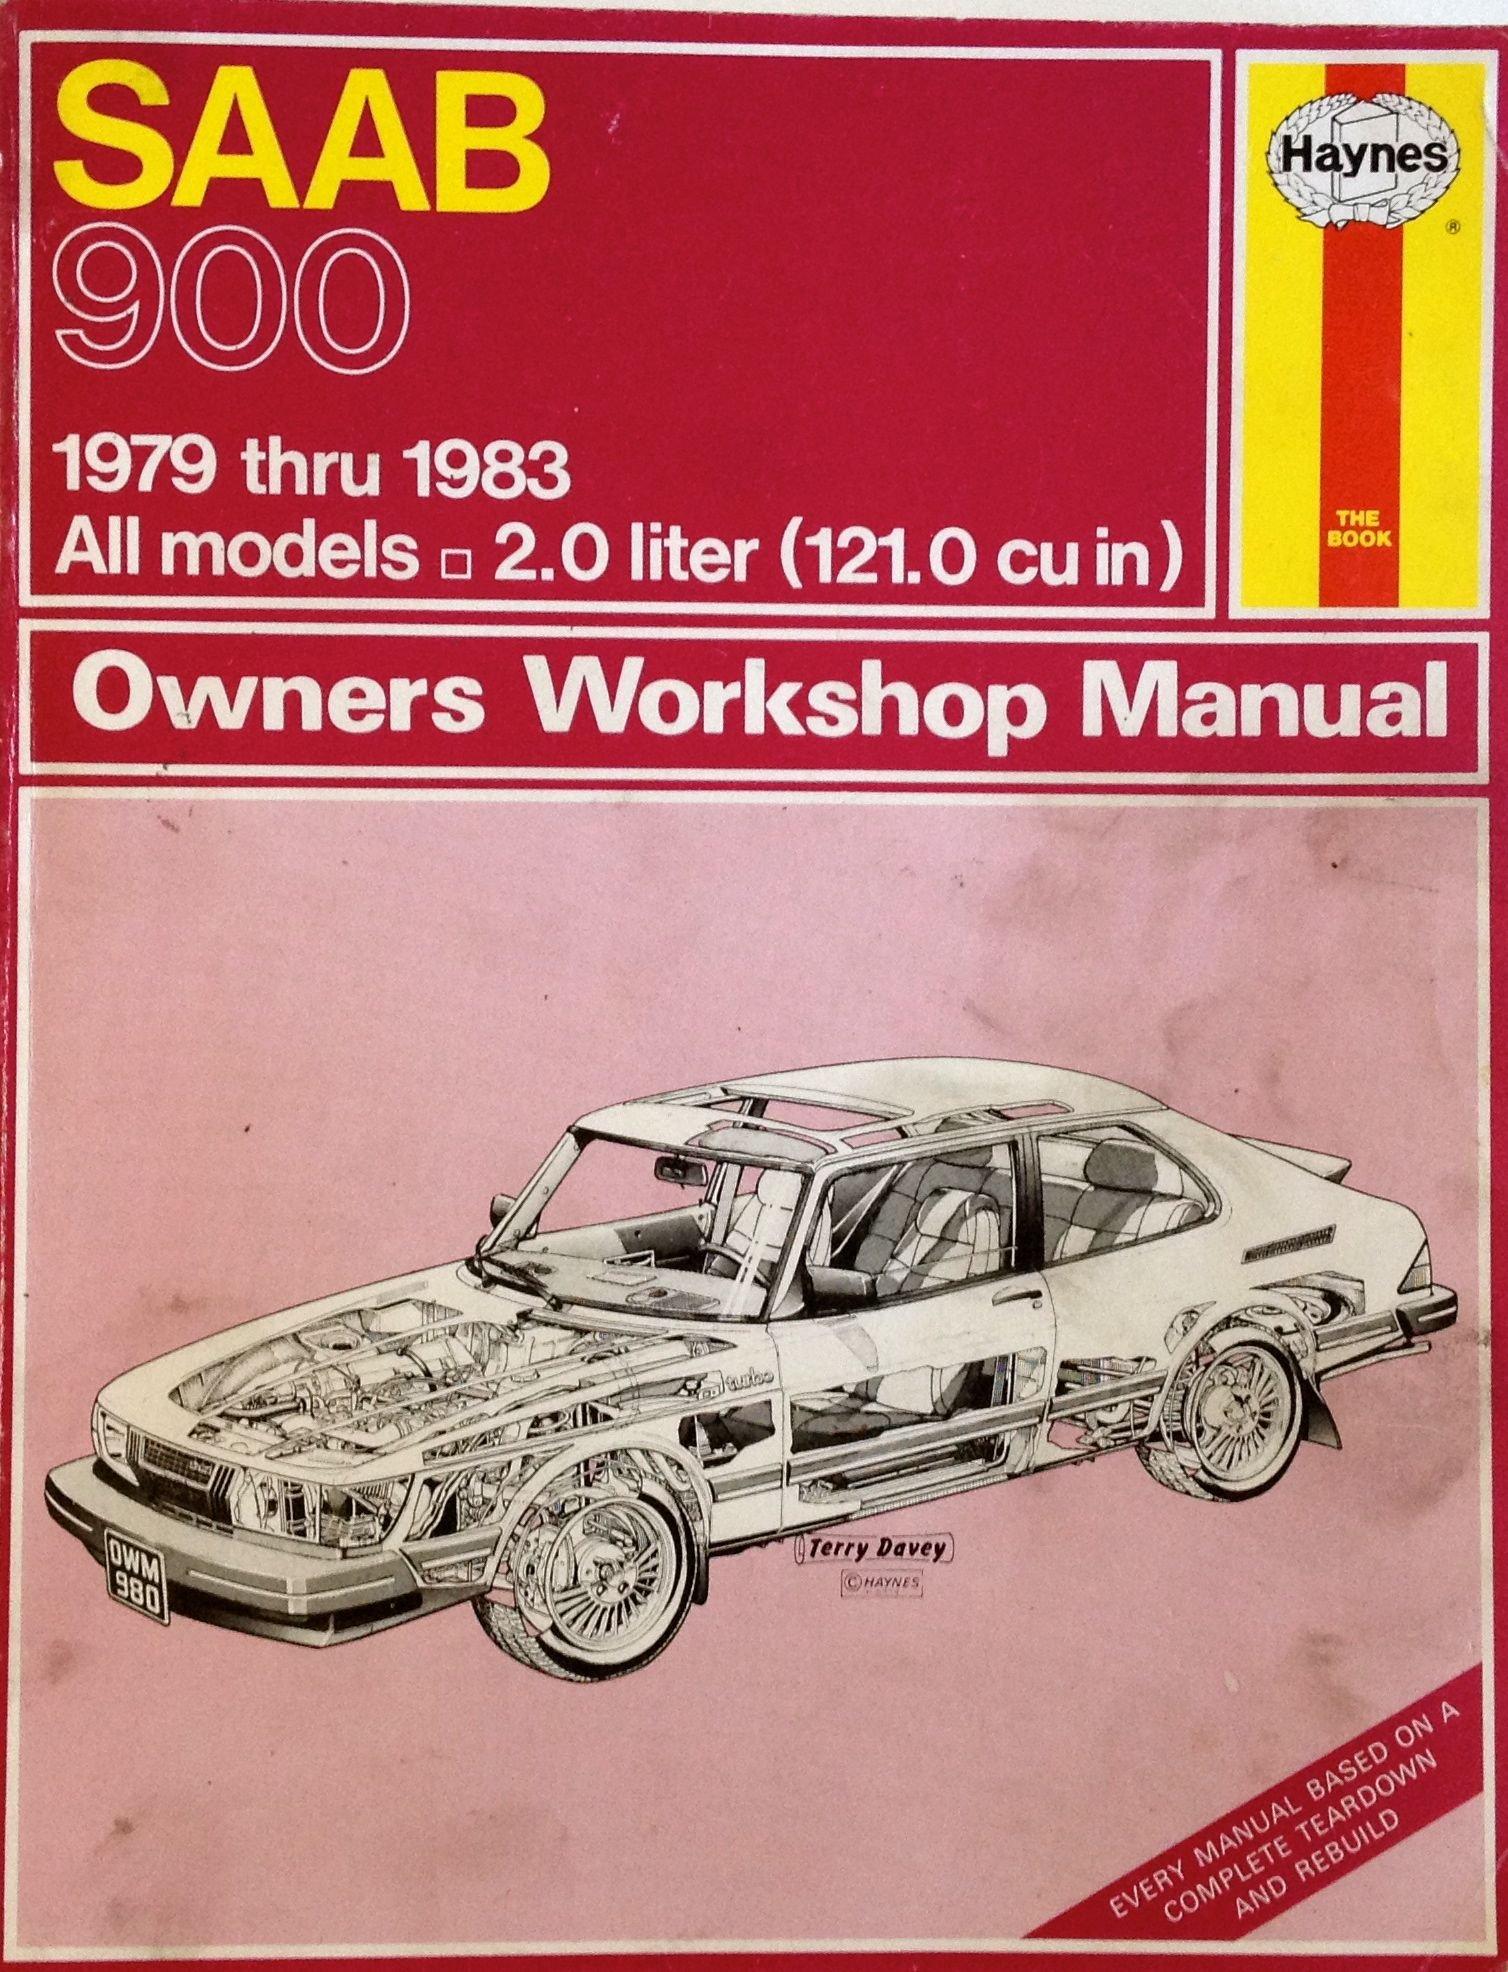 saab owners workshop manual models covered us saab 900 900 s rh amazon com 1983 Saab 900 Turbo 1983 Saab 900 Turbo